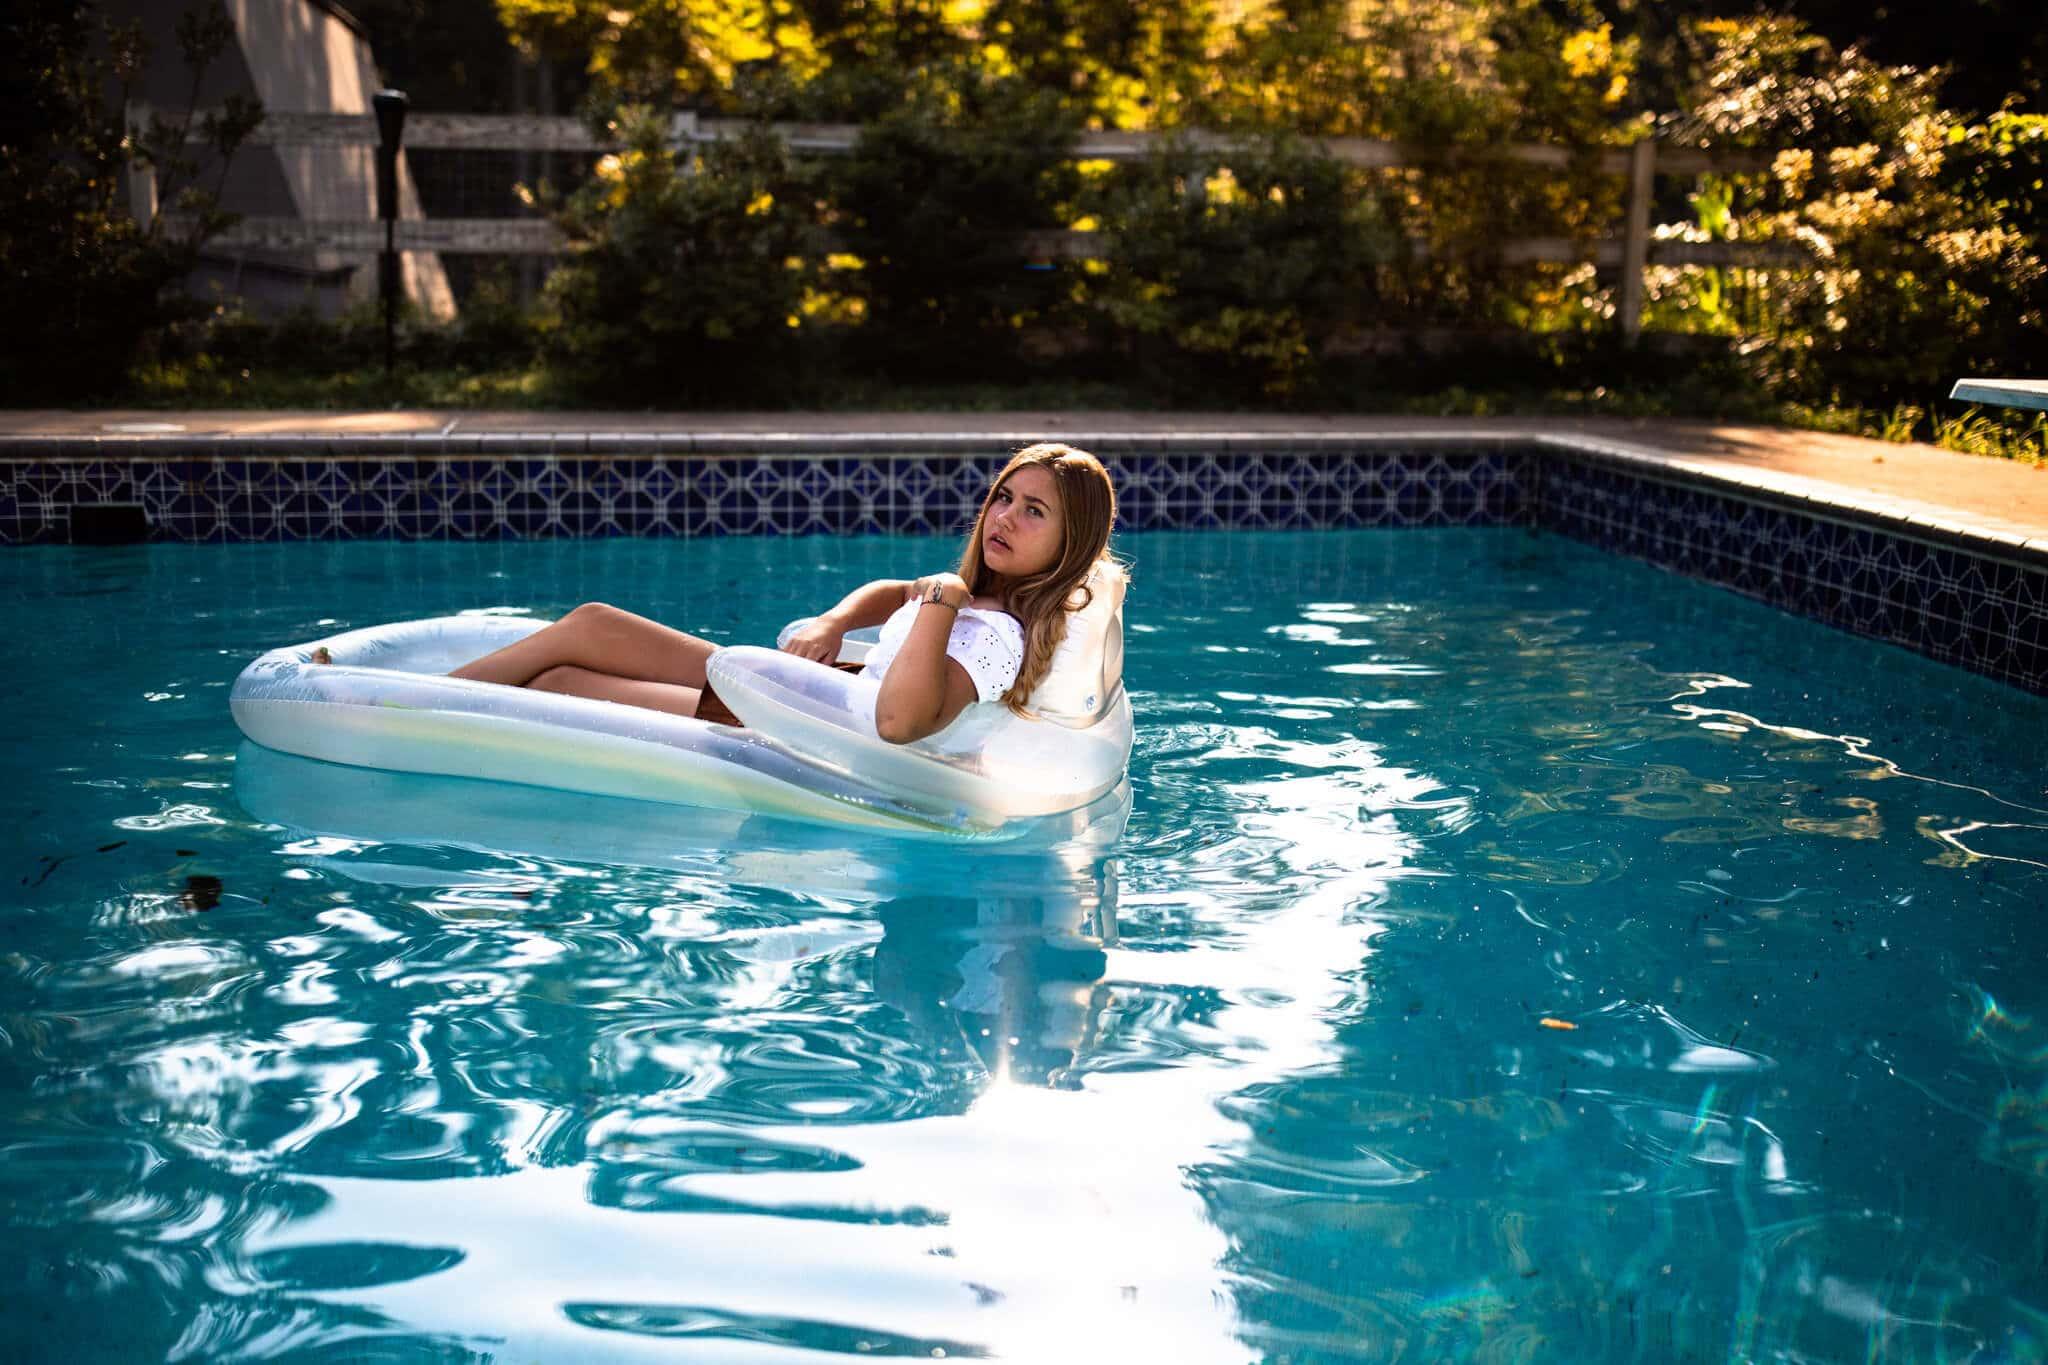 senior girl floats on pool raft